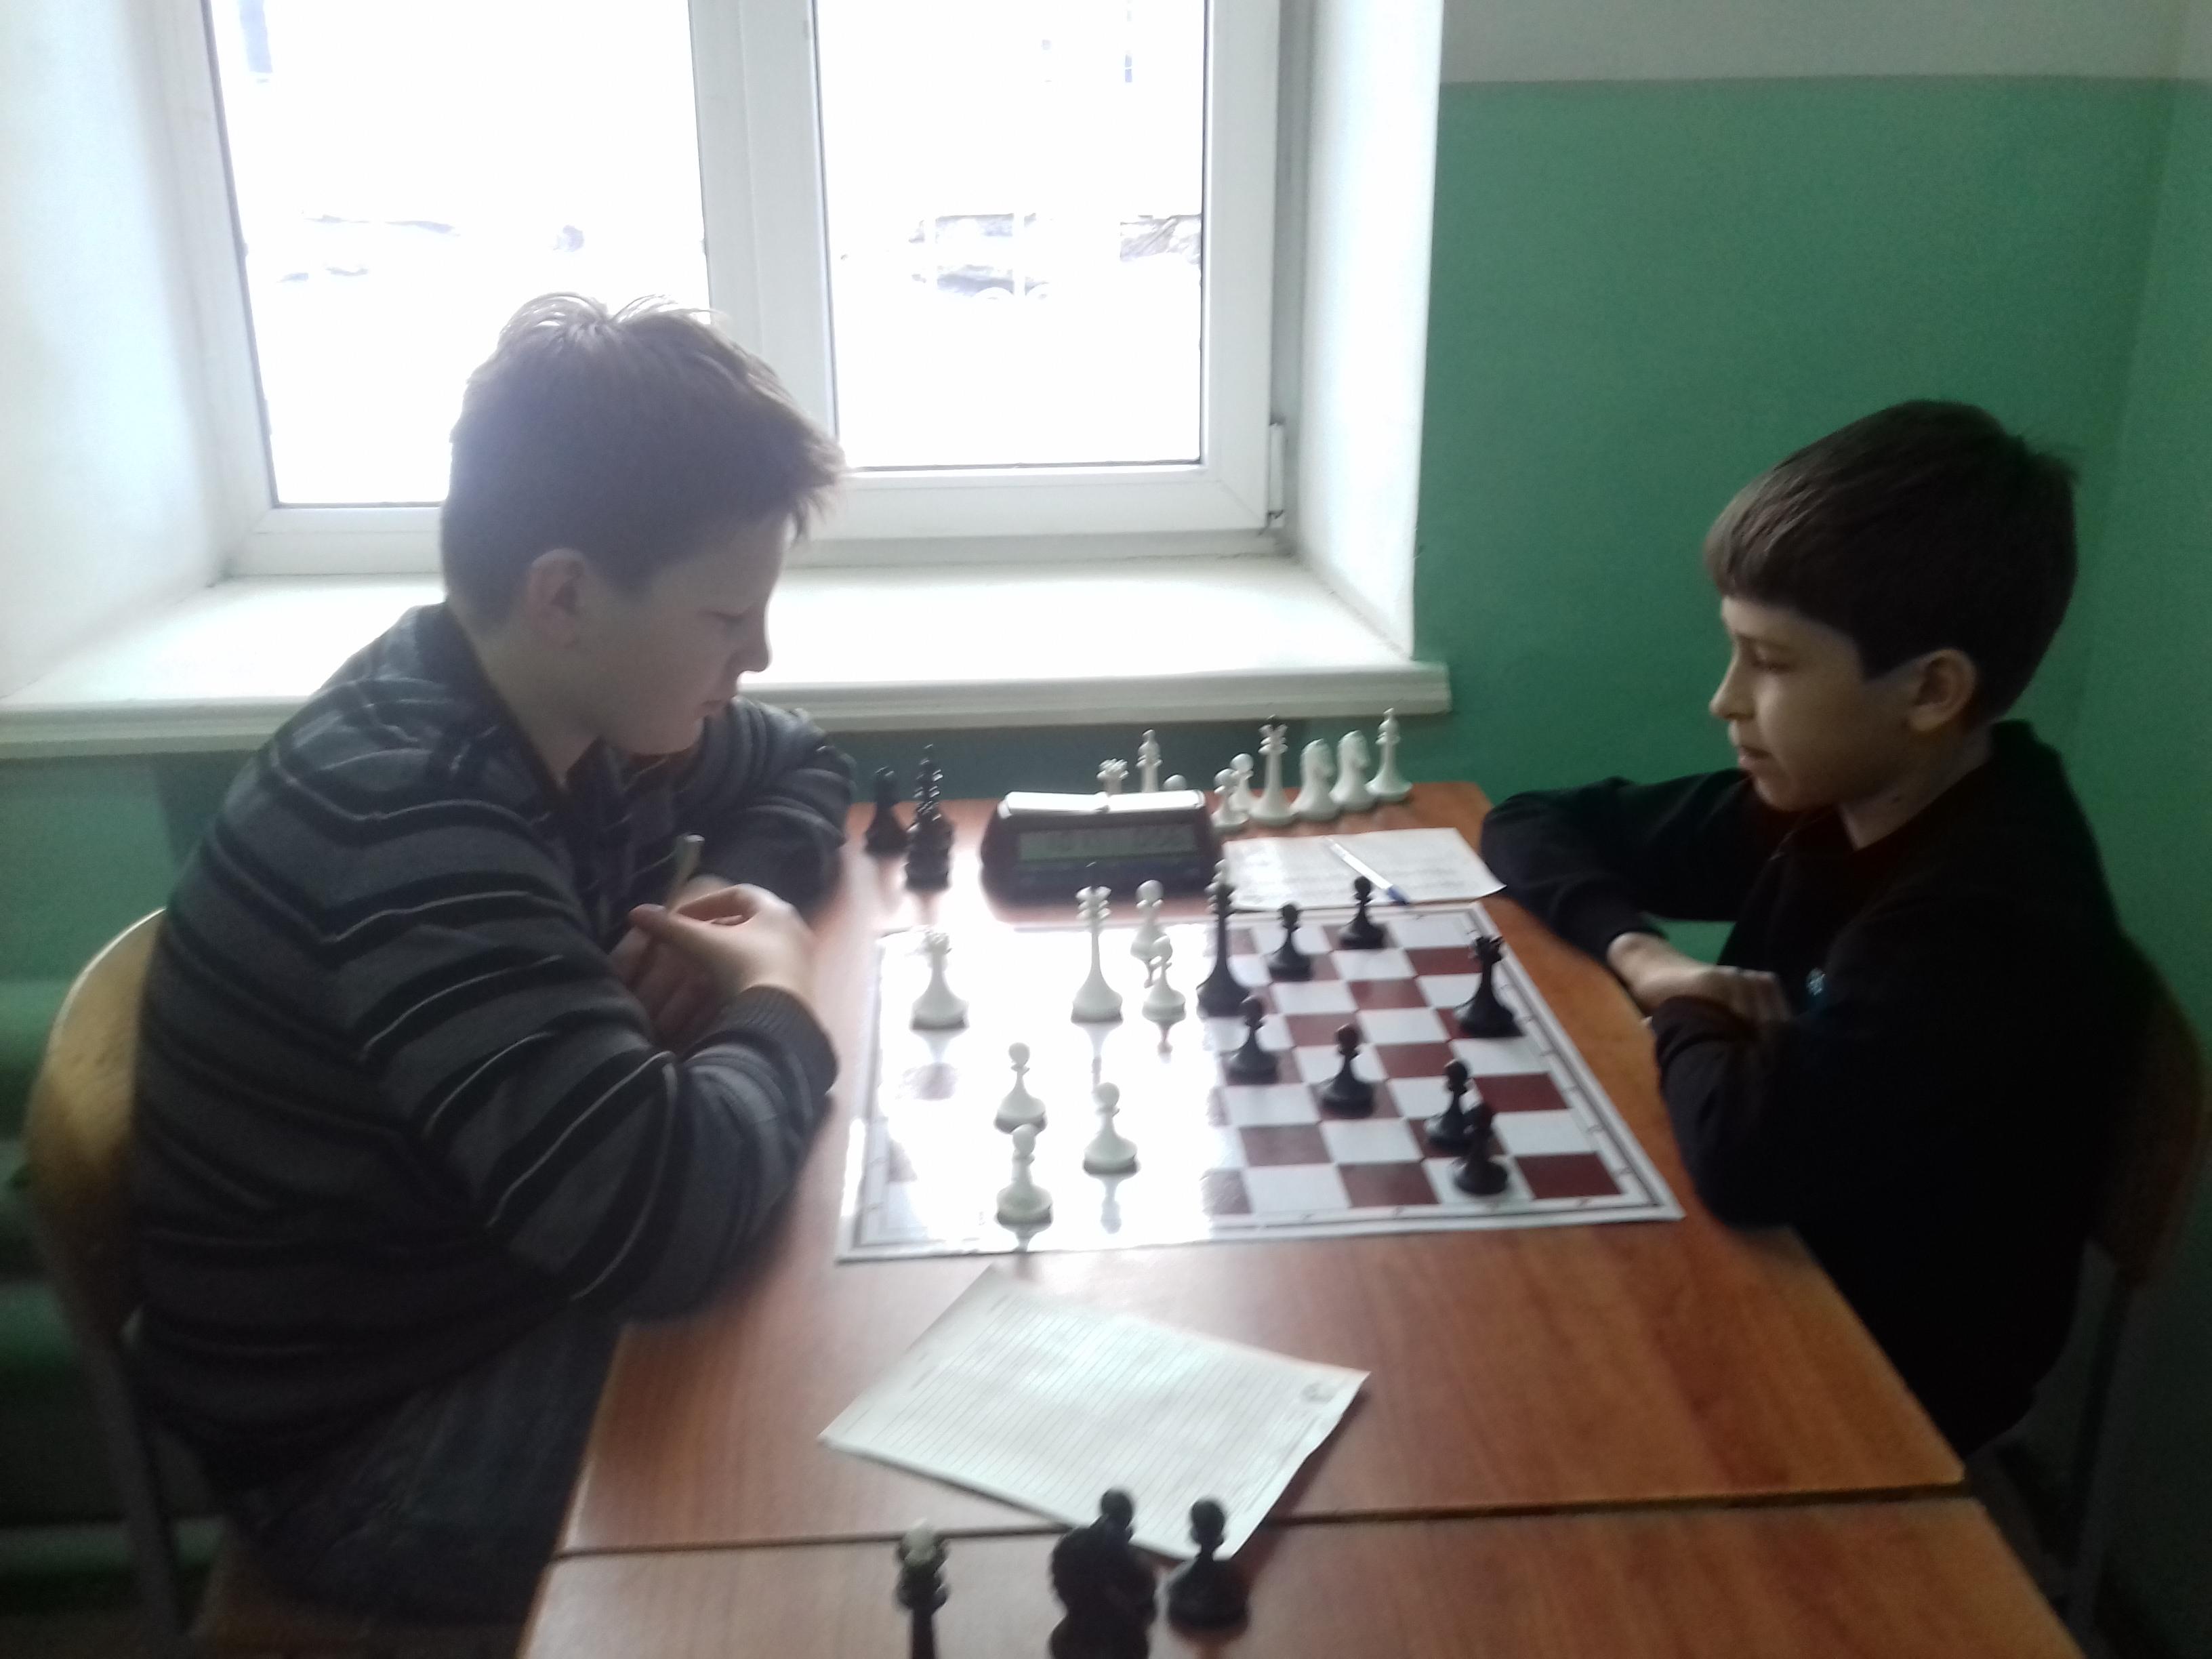 Данил Гунькин(справа) побеждает Дениса Новикова и меняет его на посту лидера.